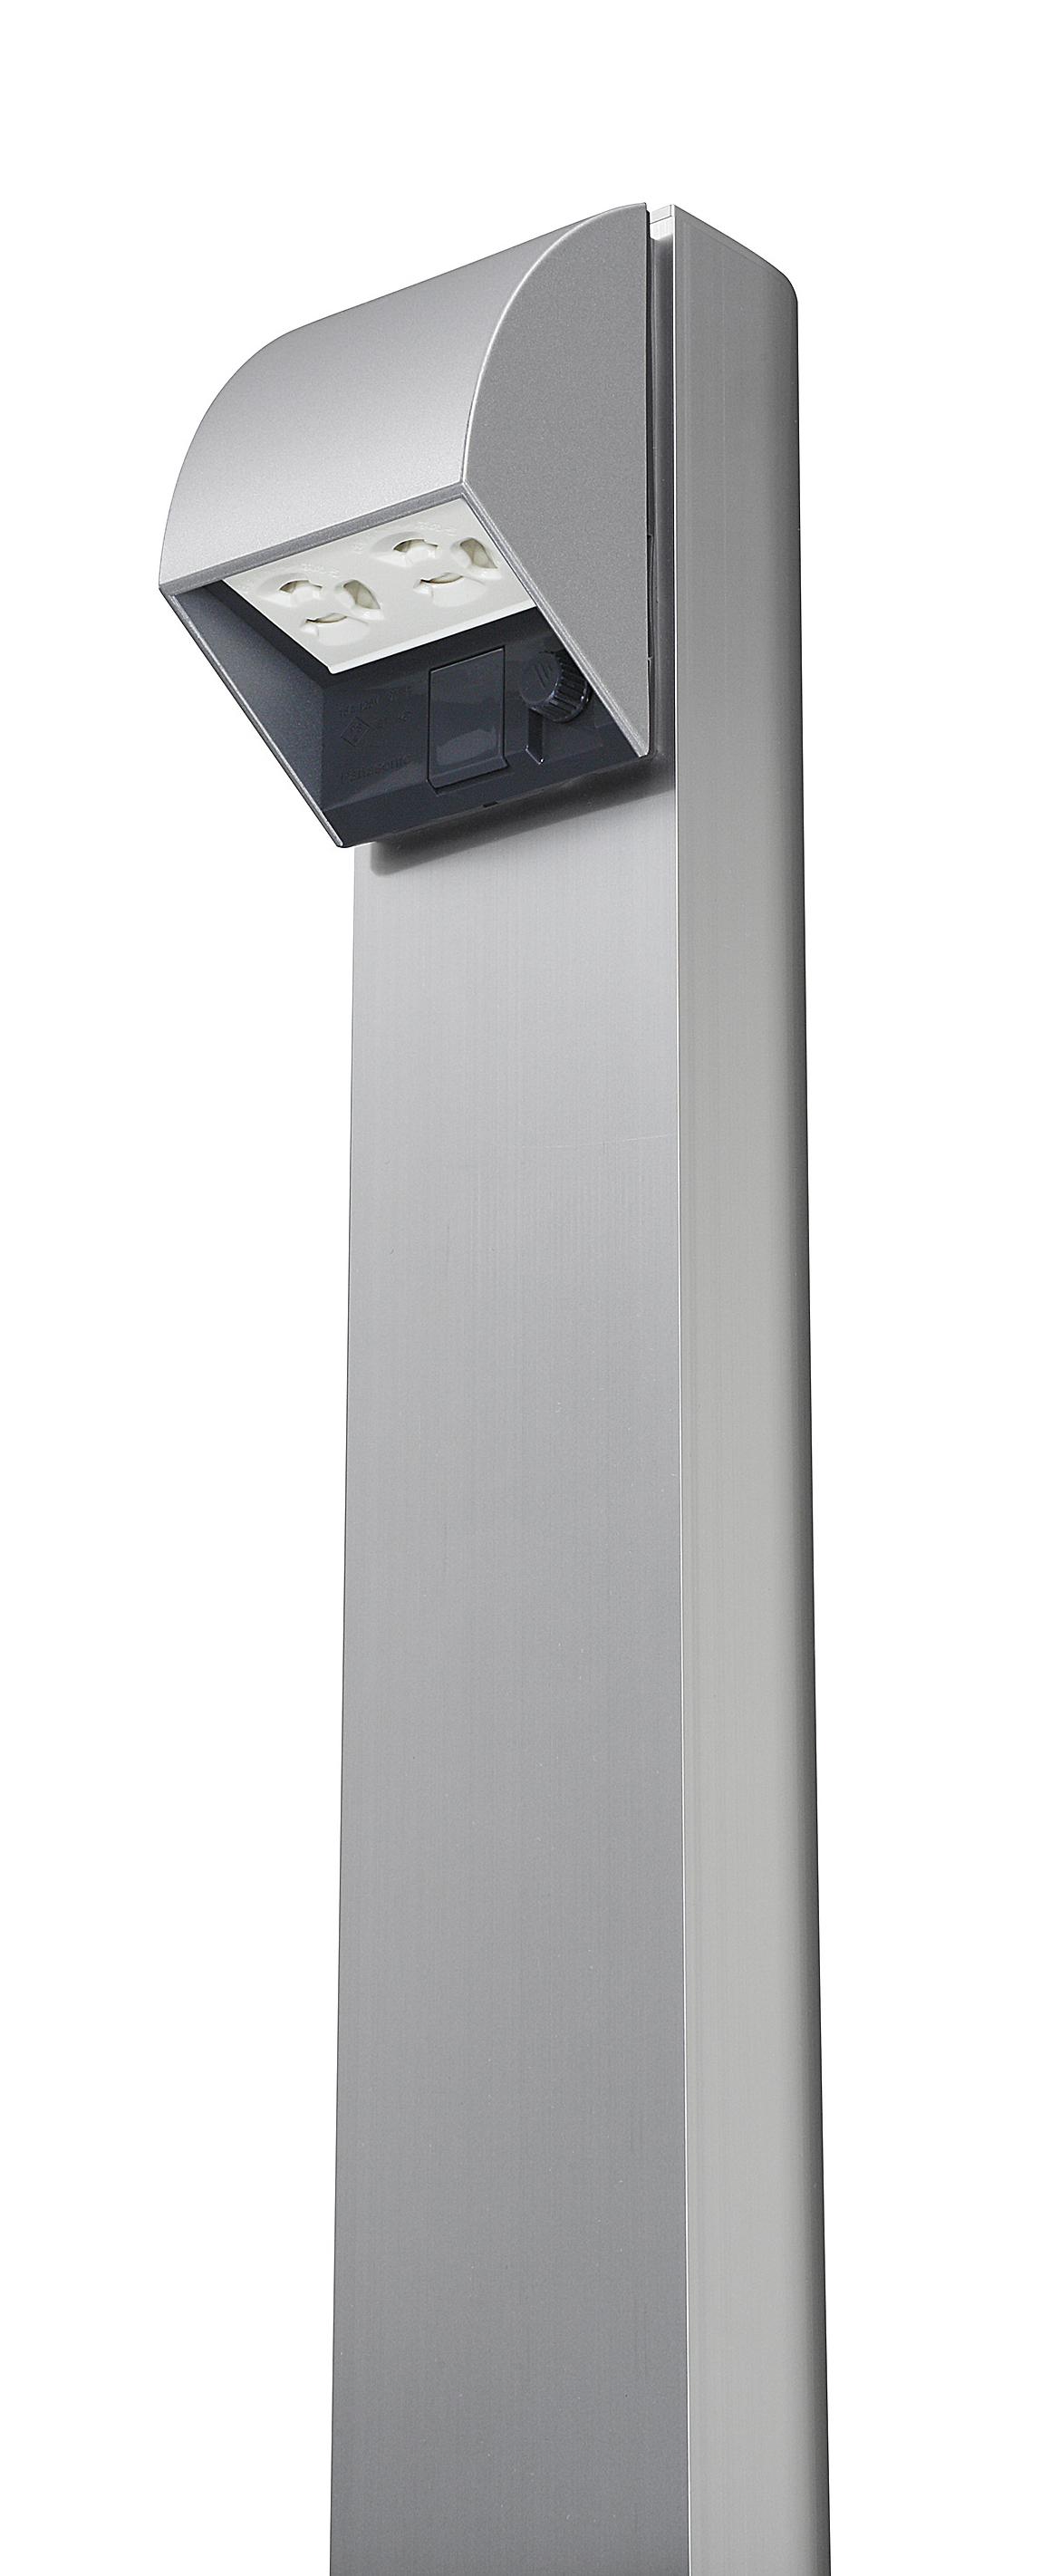 屋外電源コンセント支柱「Dポール」(スマート防水コンセント取り付け状態)